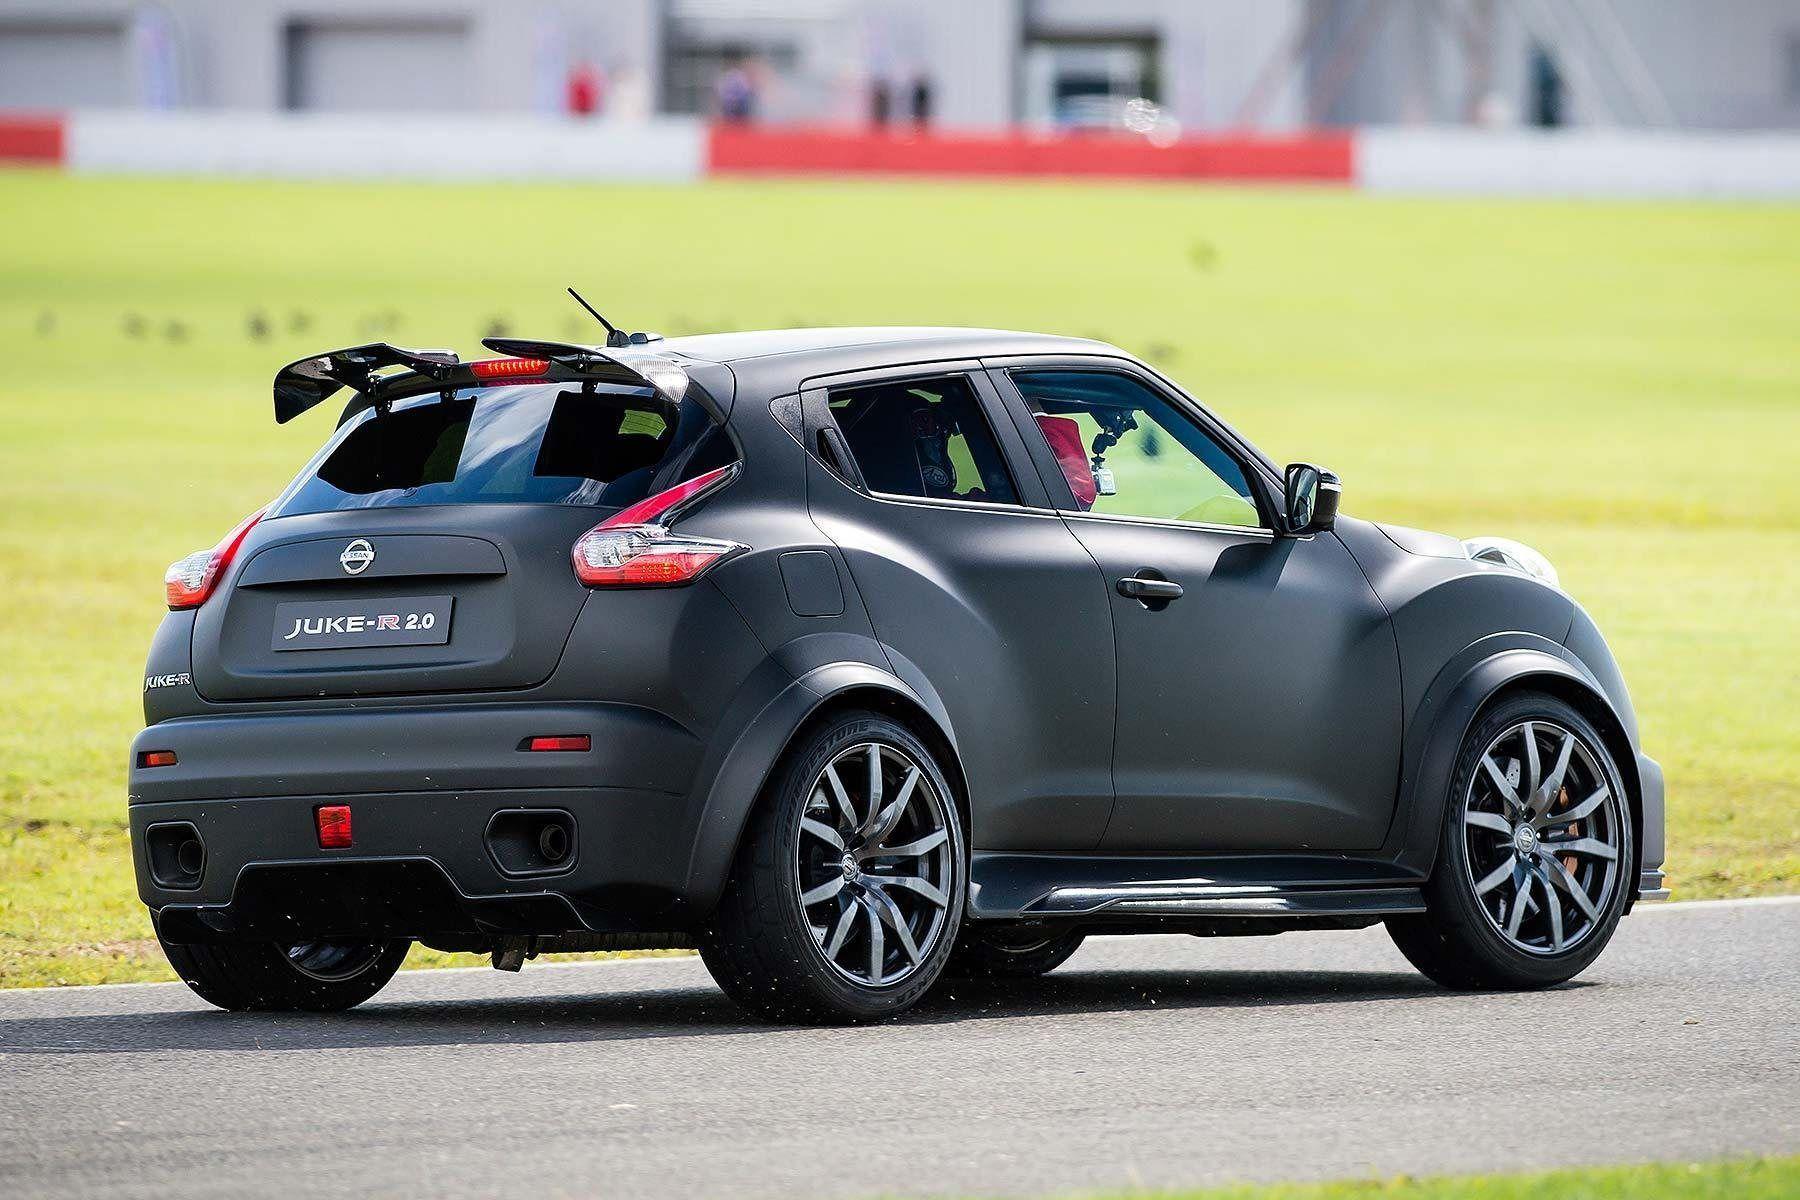 2021 Nissan Juke Spesification | Nissan juke, Nissan gt ...